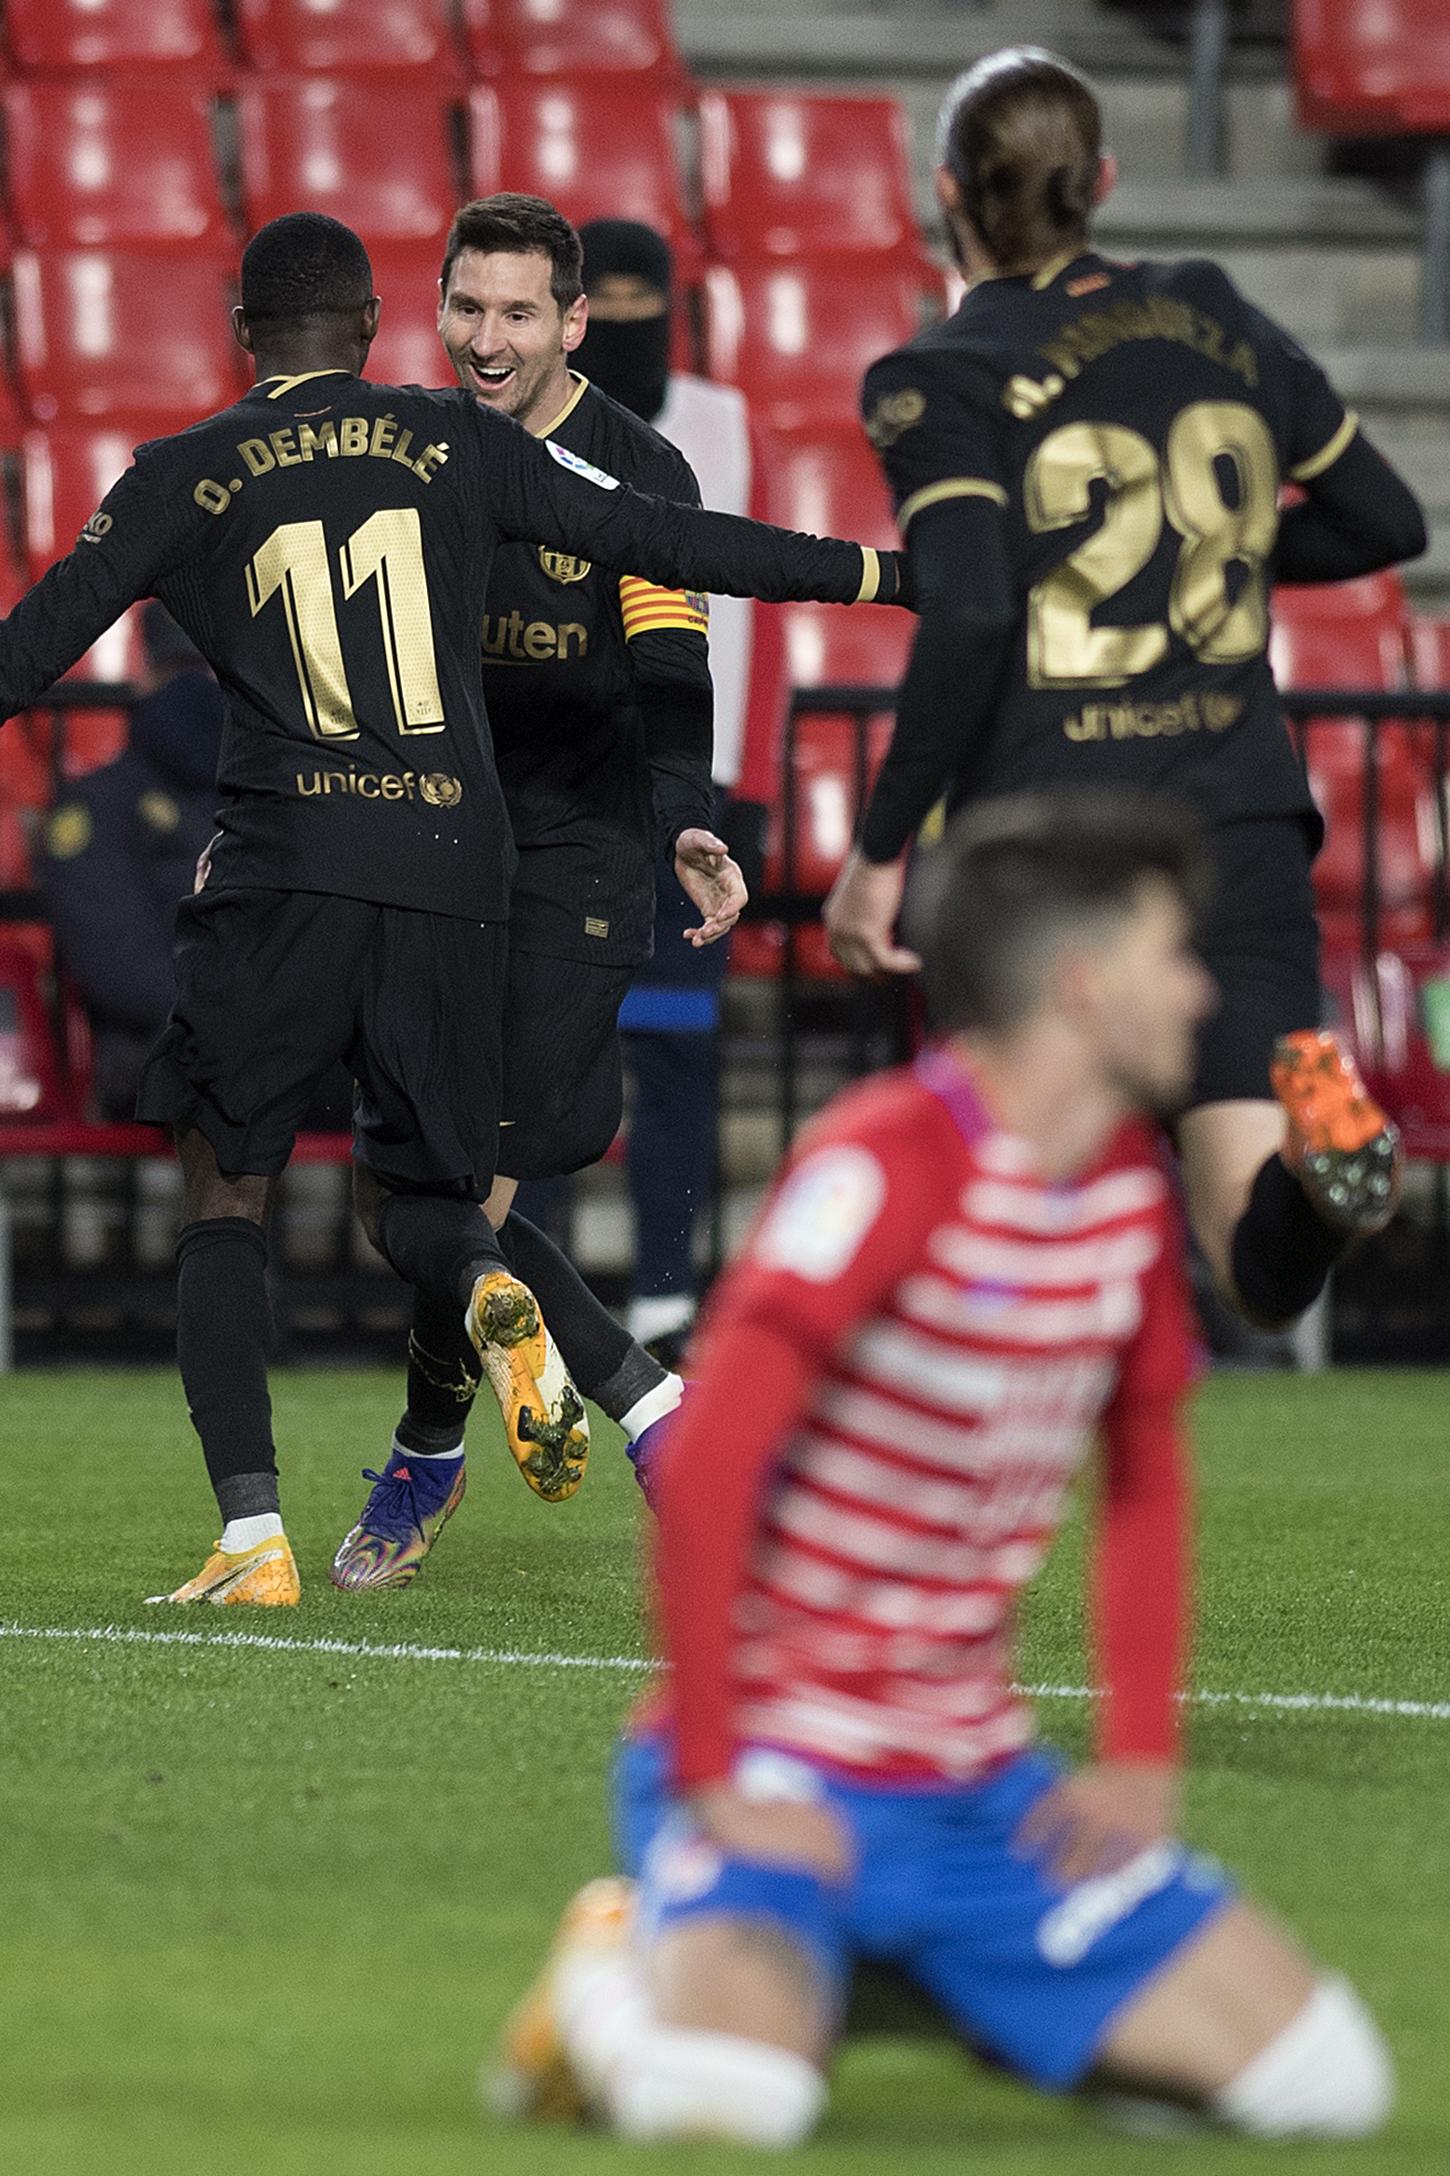 Con dobletes de Messi y Griezmann, el Barça sigue su escalada